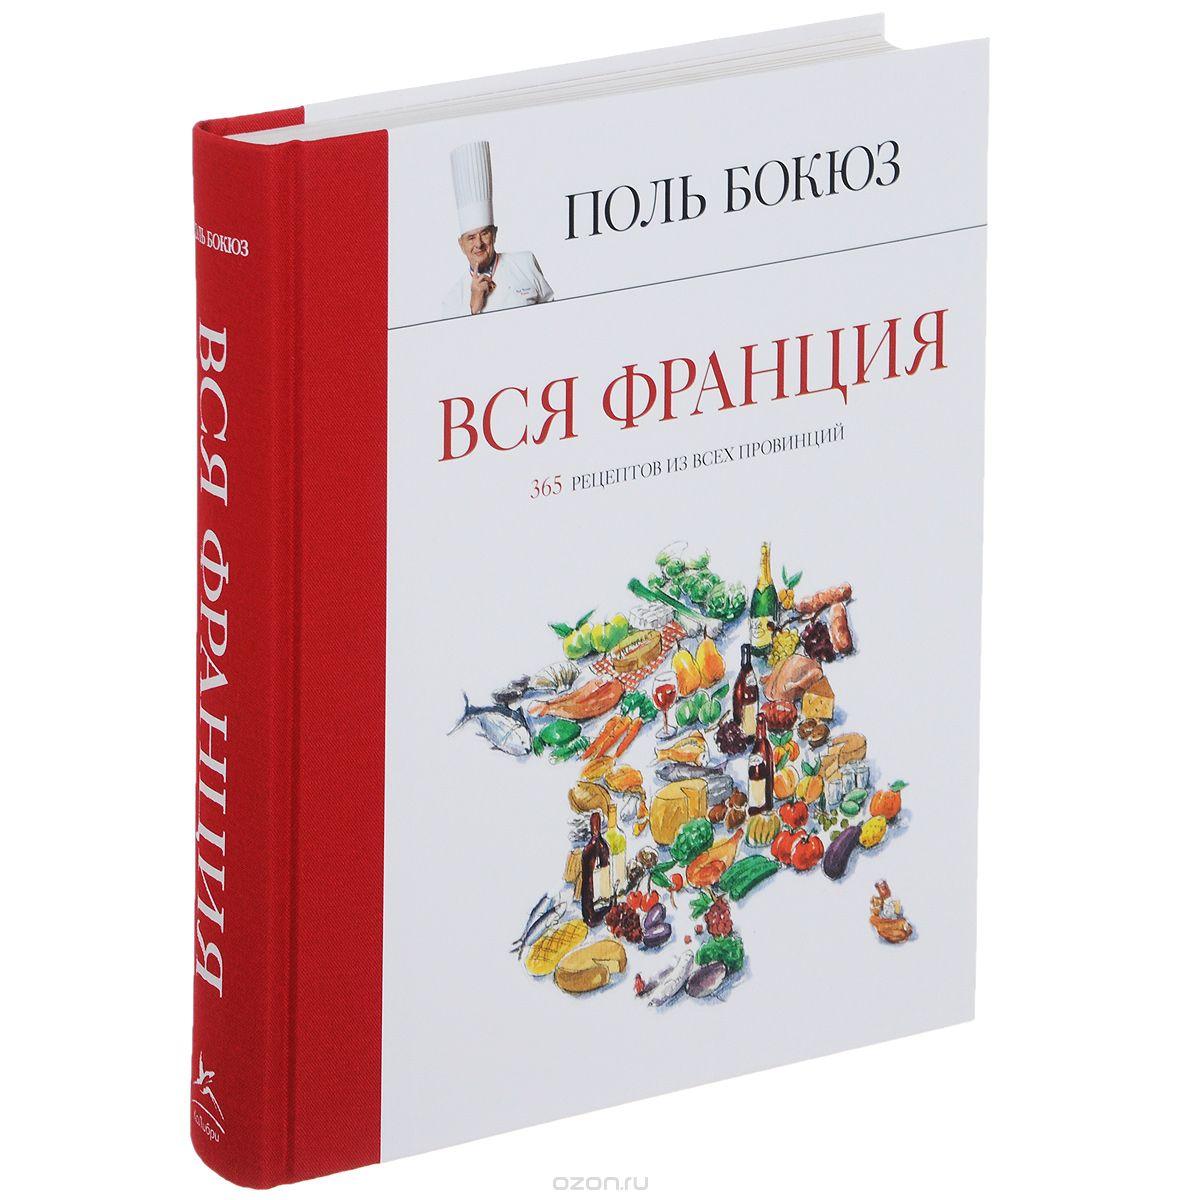 Книга «Вся Франция: 365 рецептов из всех провинций» Books Books PB5 фото 0